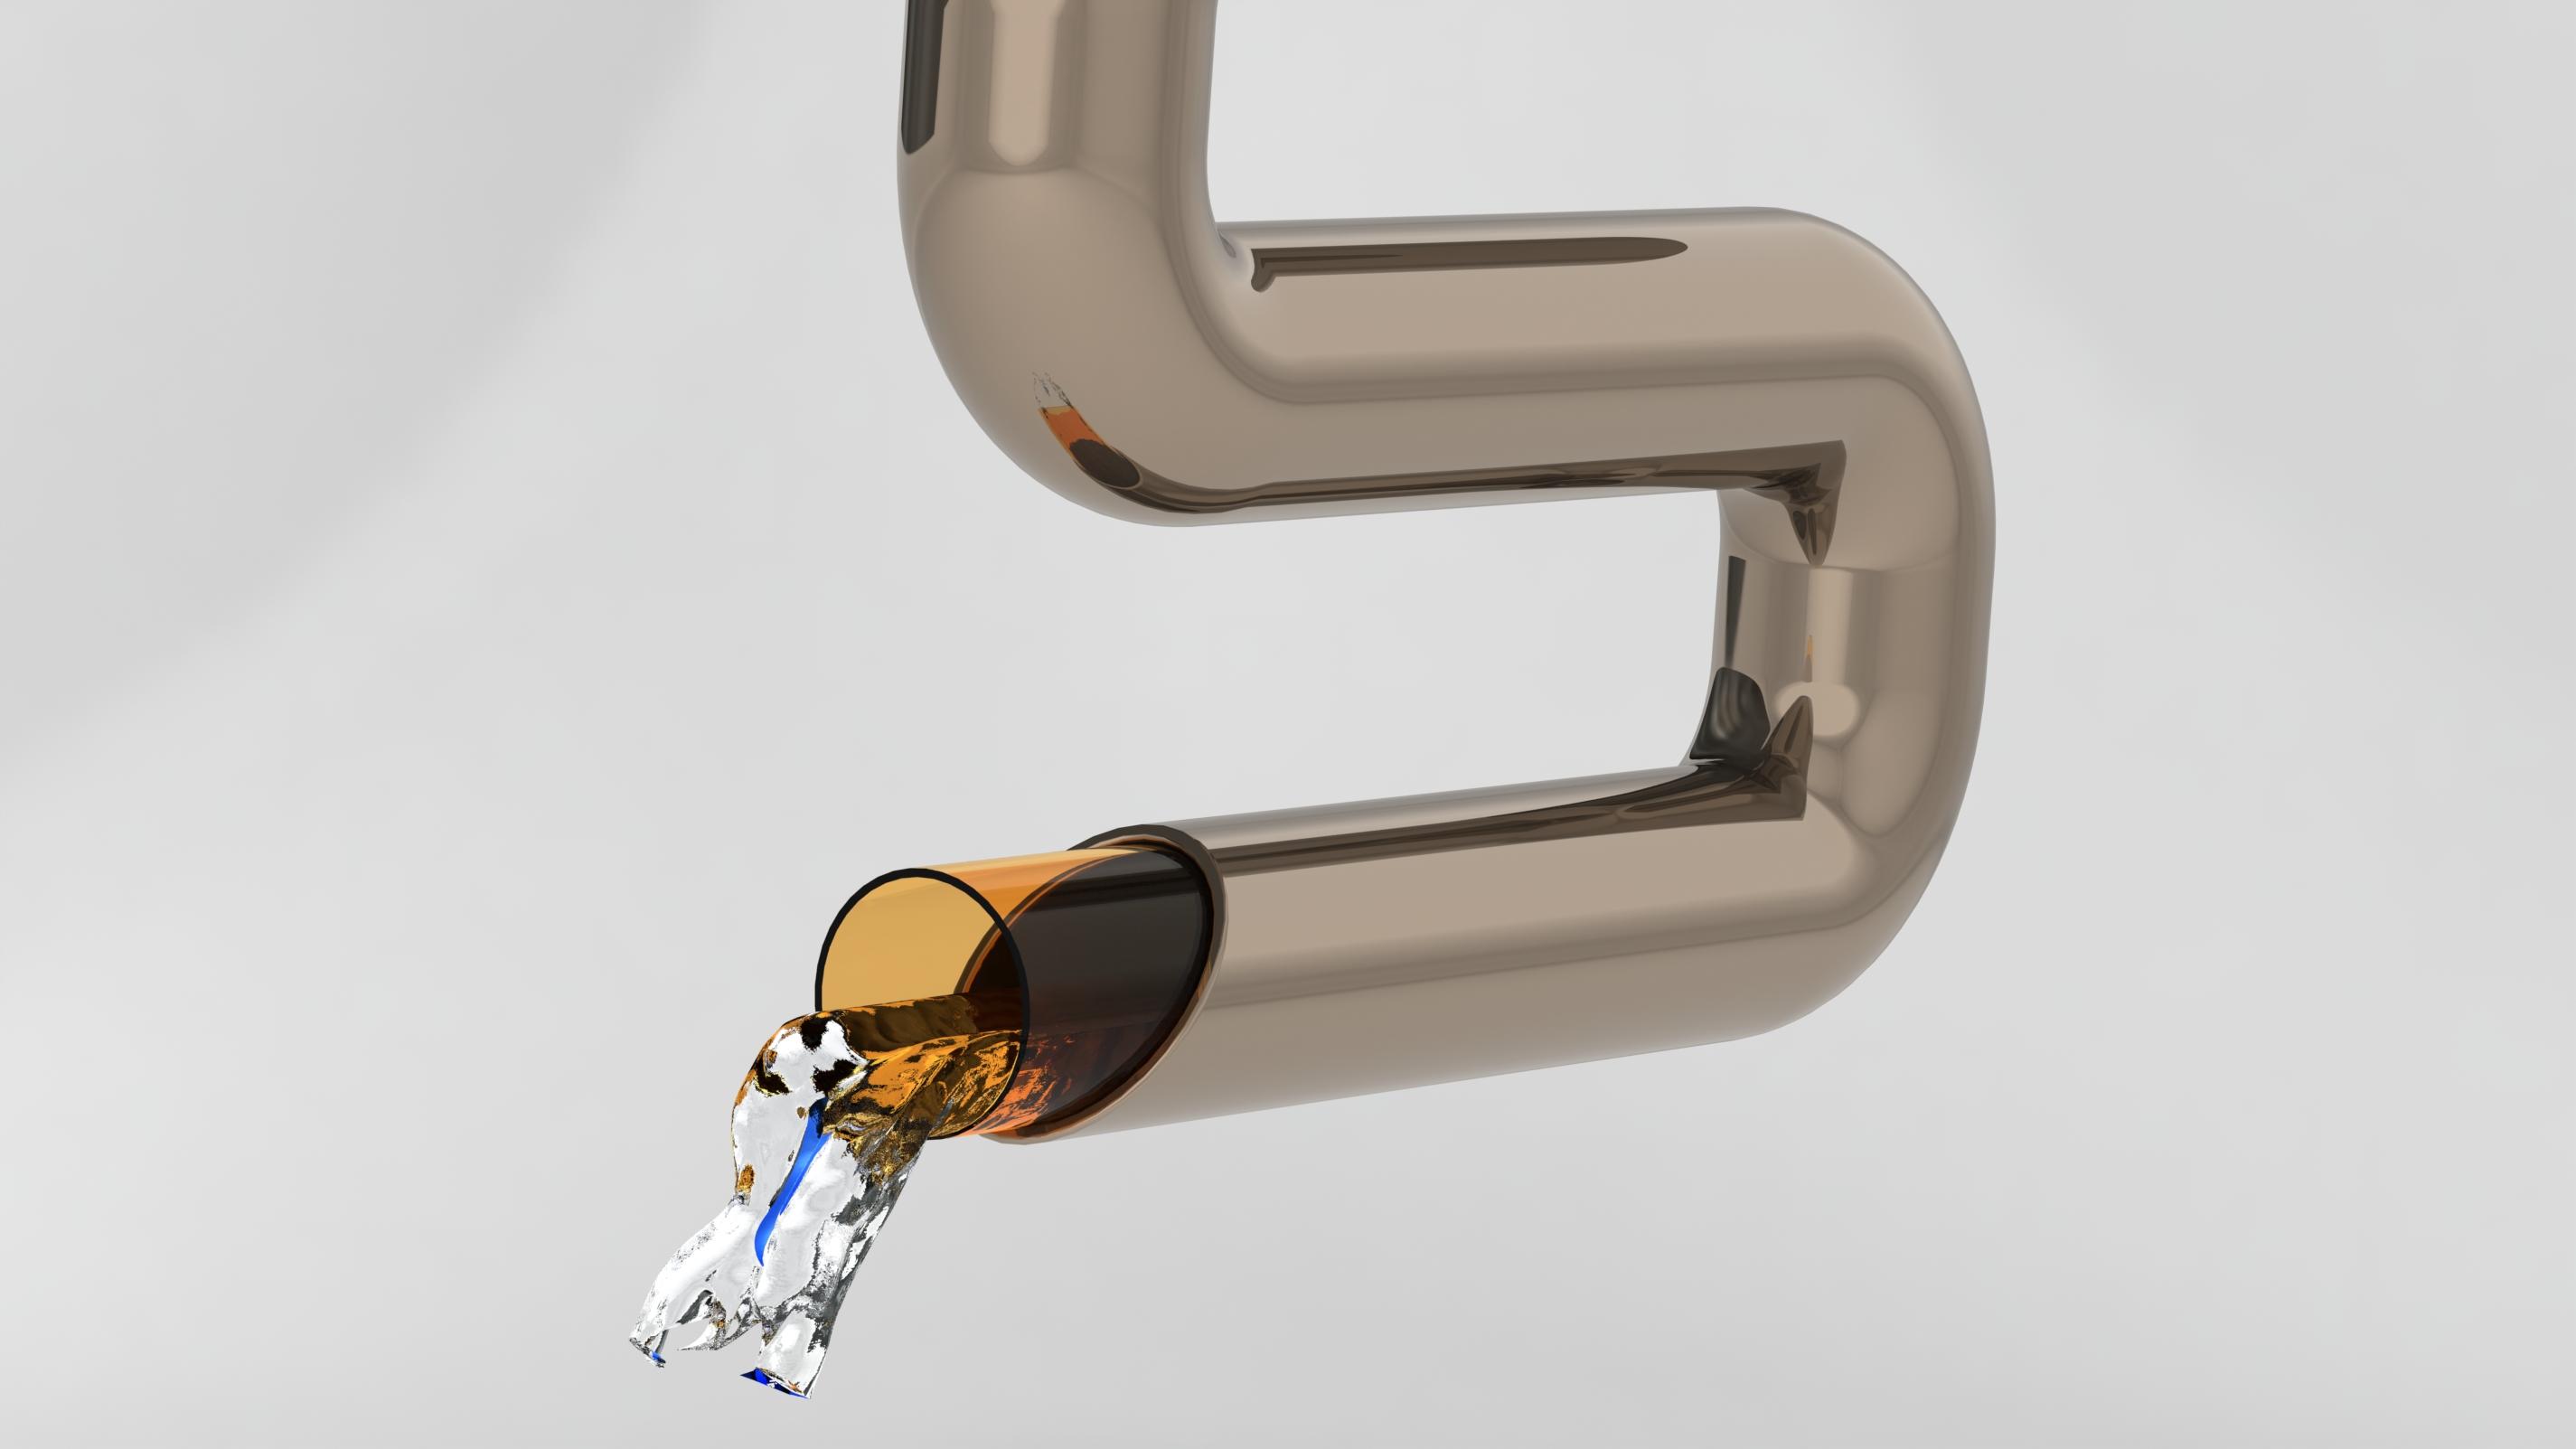 Визулизация трубки с полимерным покрытием с демонстрацией ее особенности